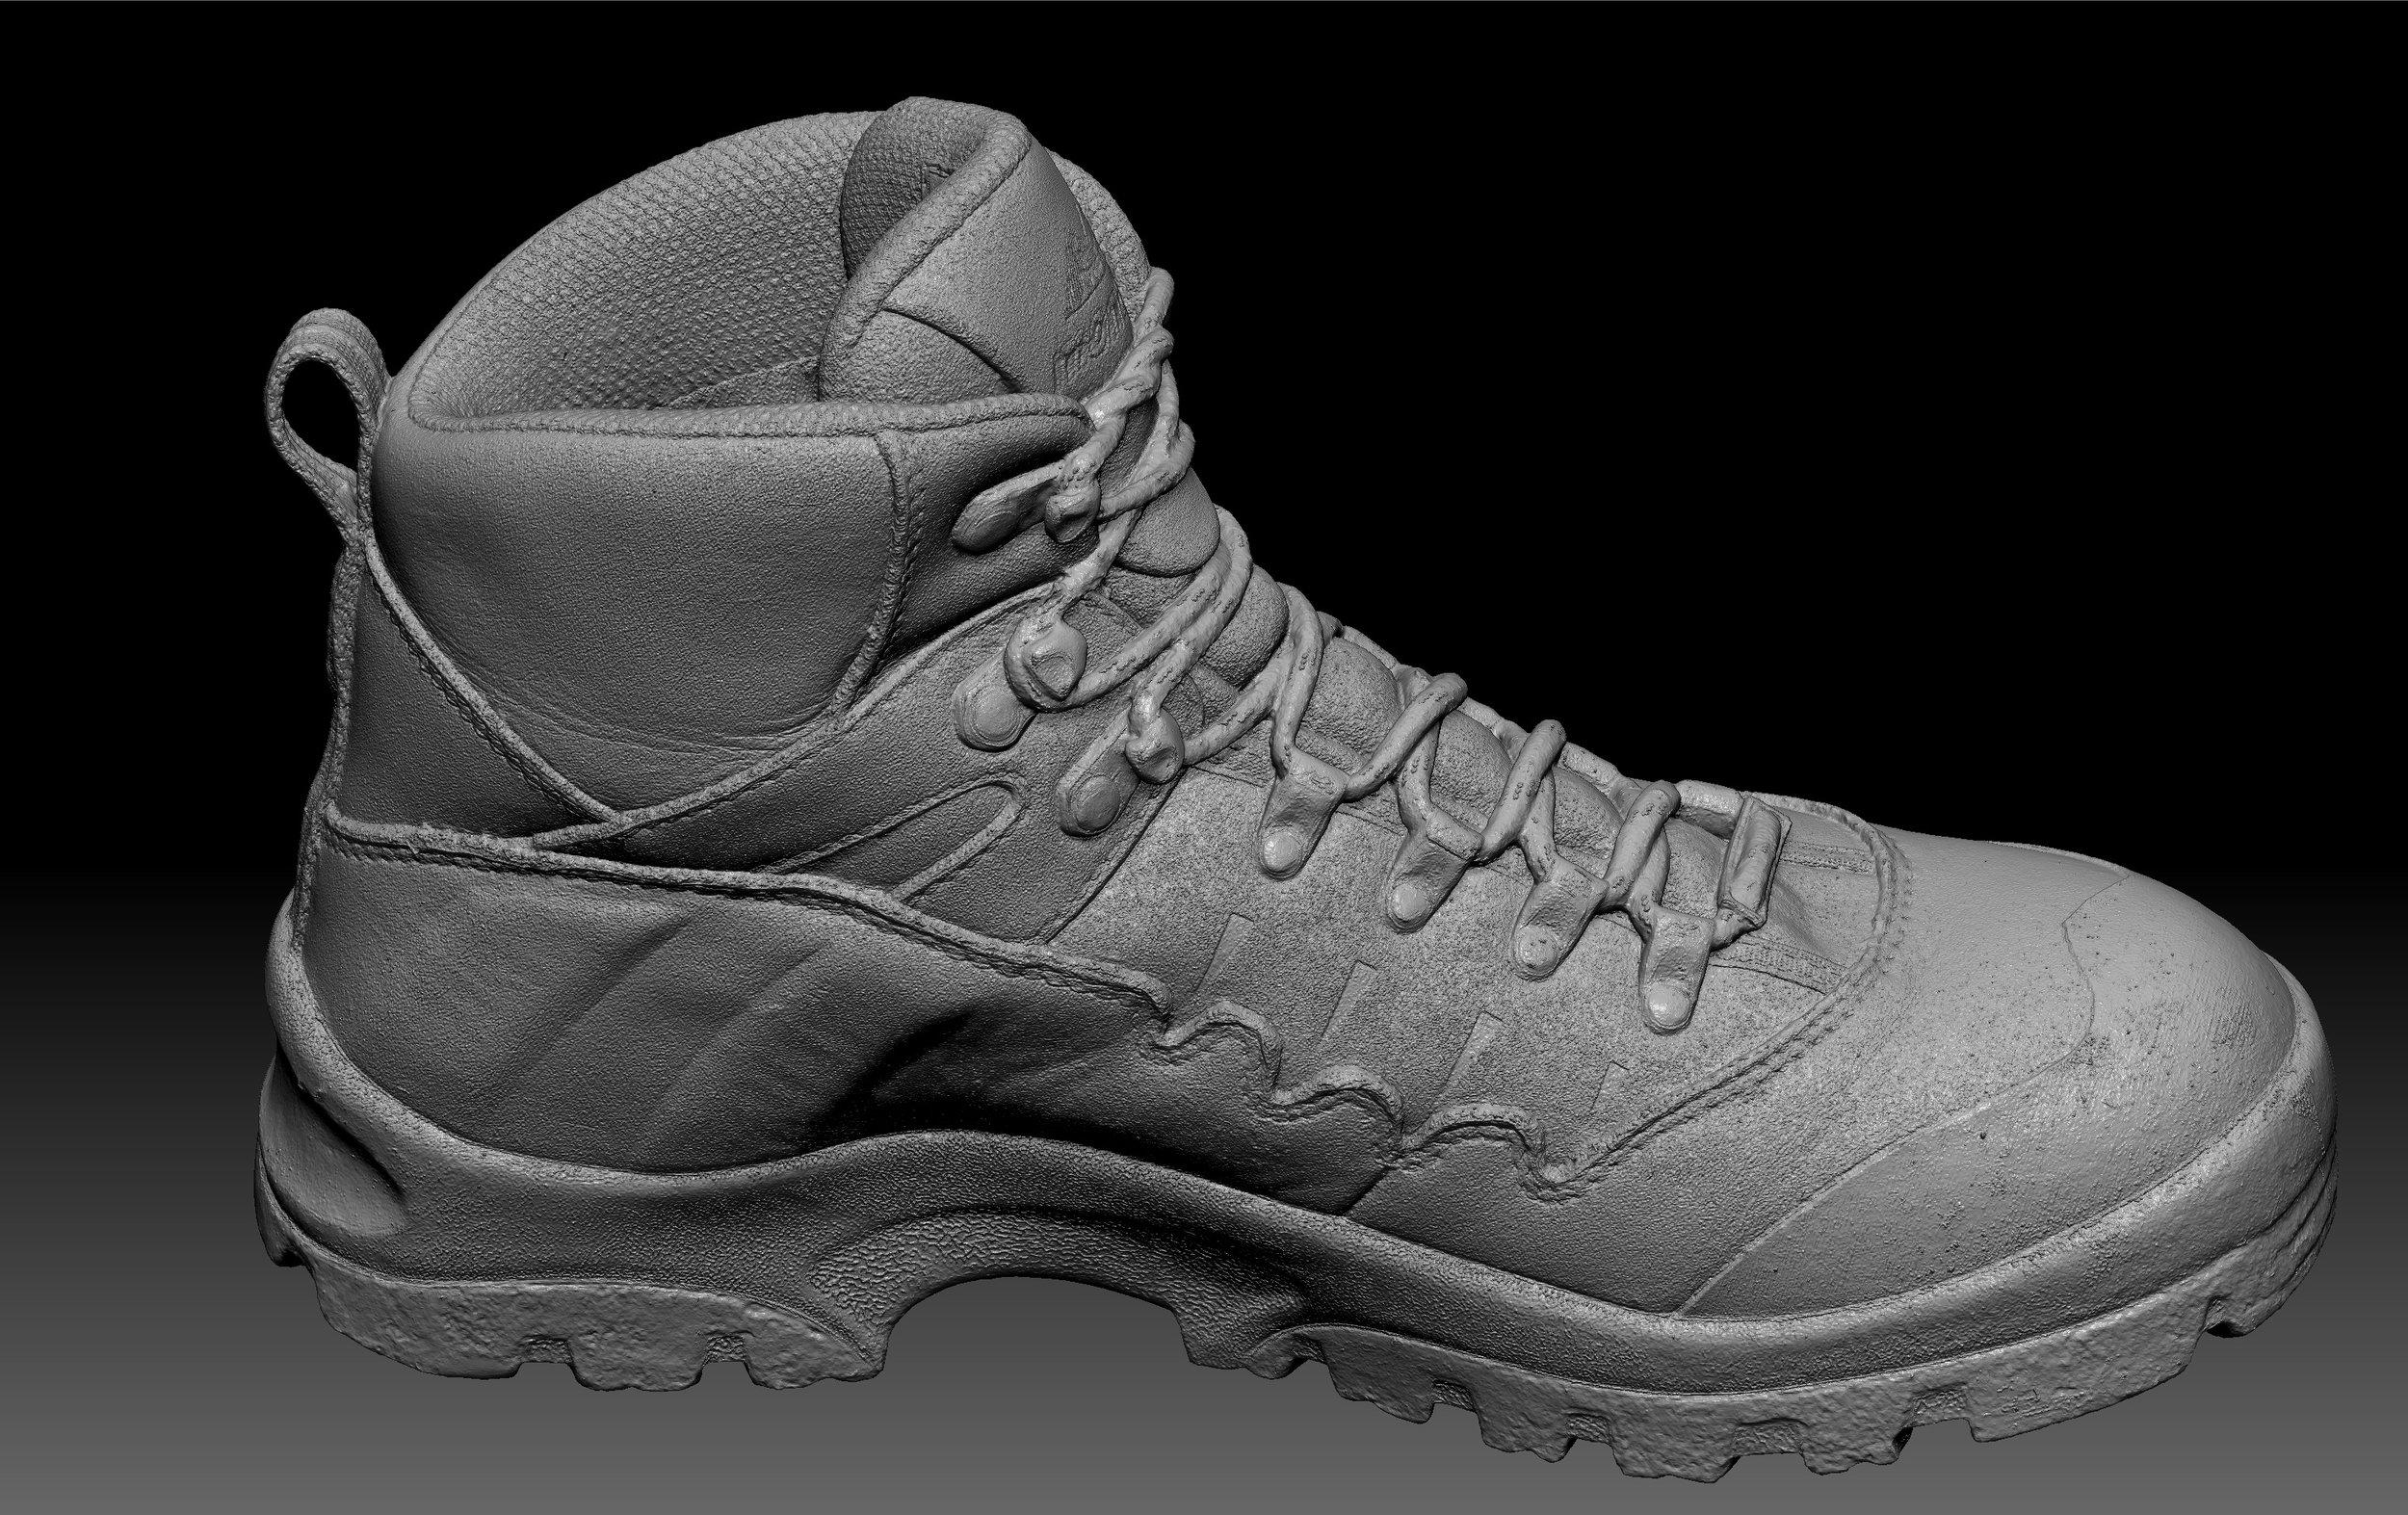 Shoe_14_08.jpg